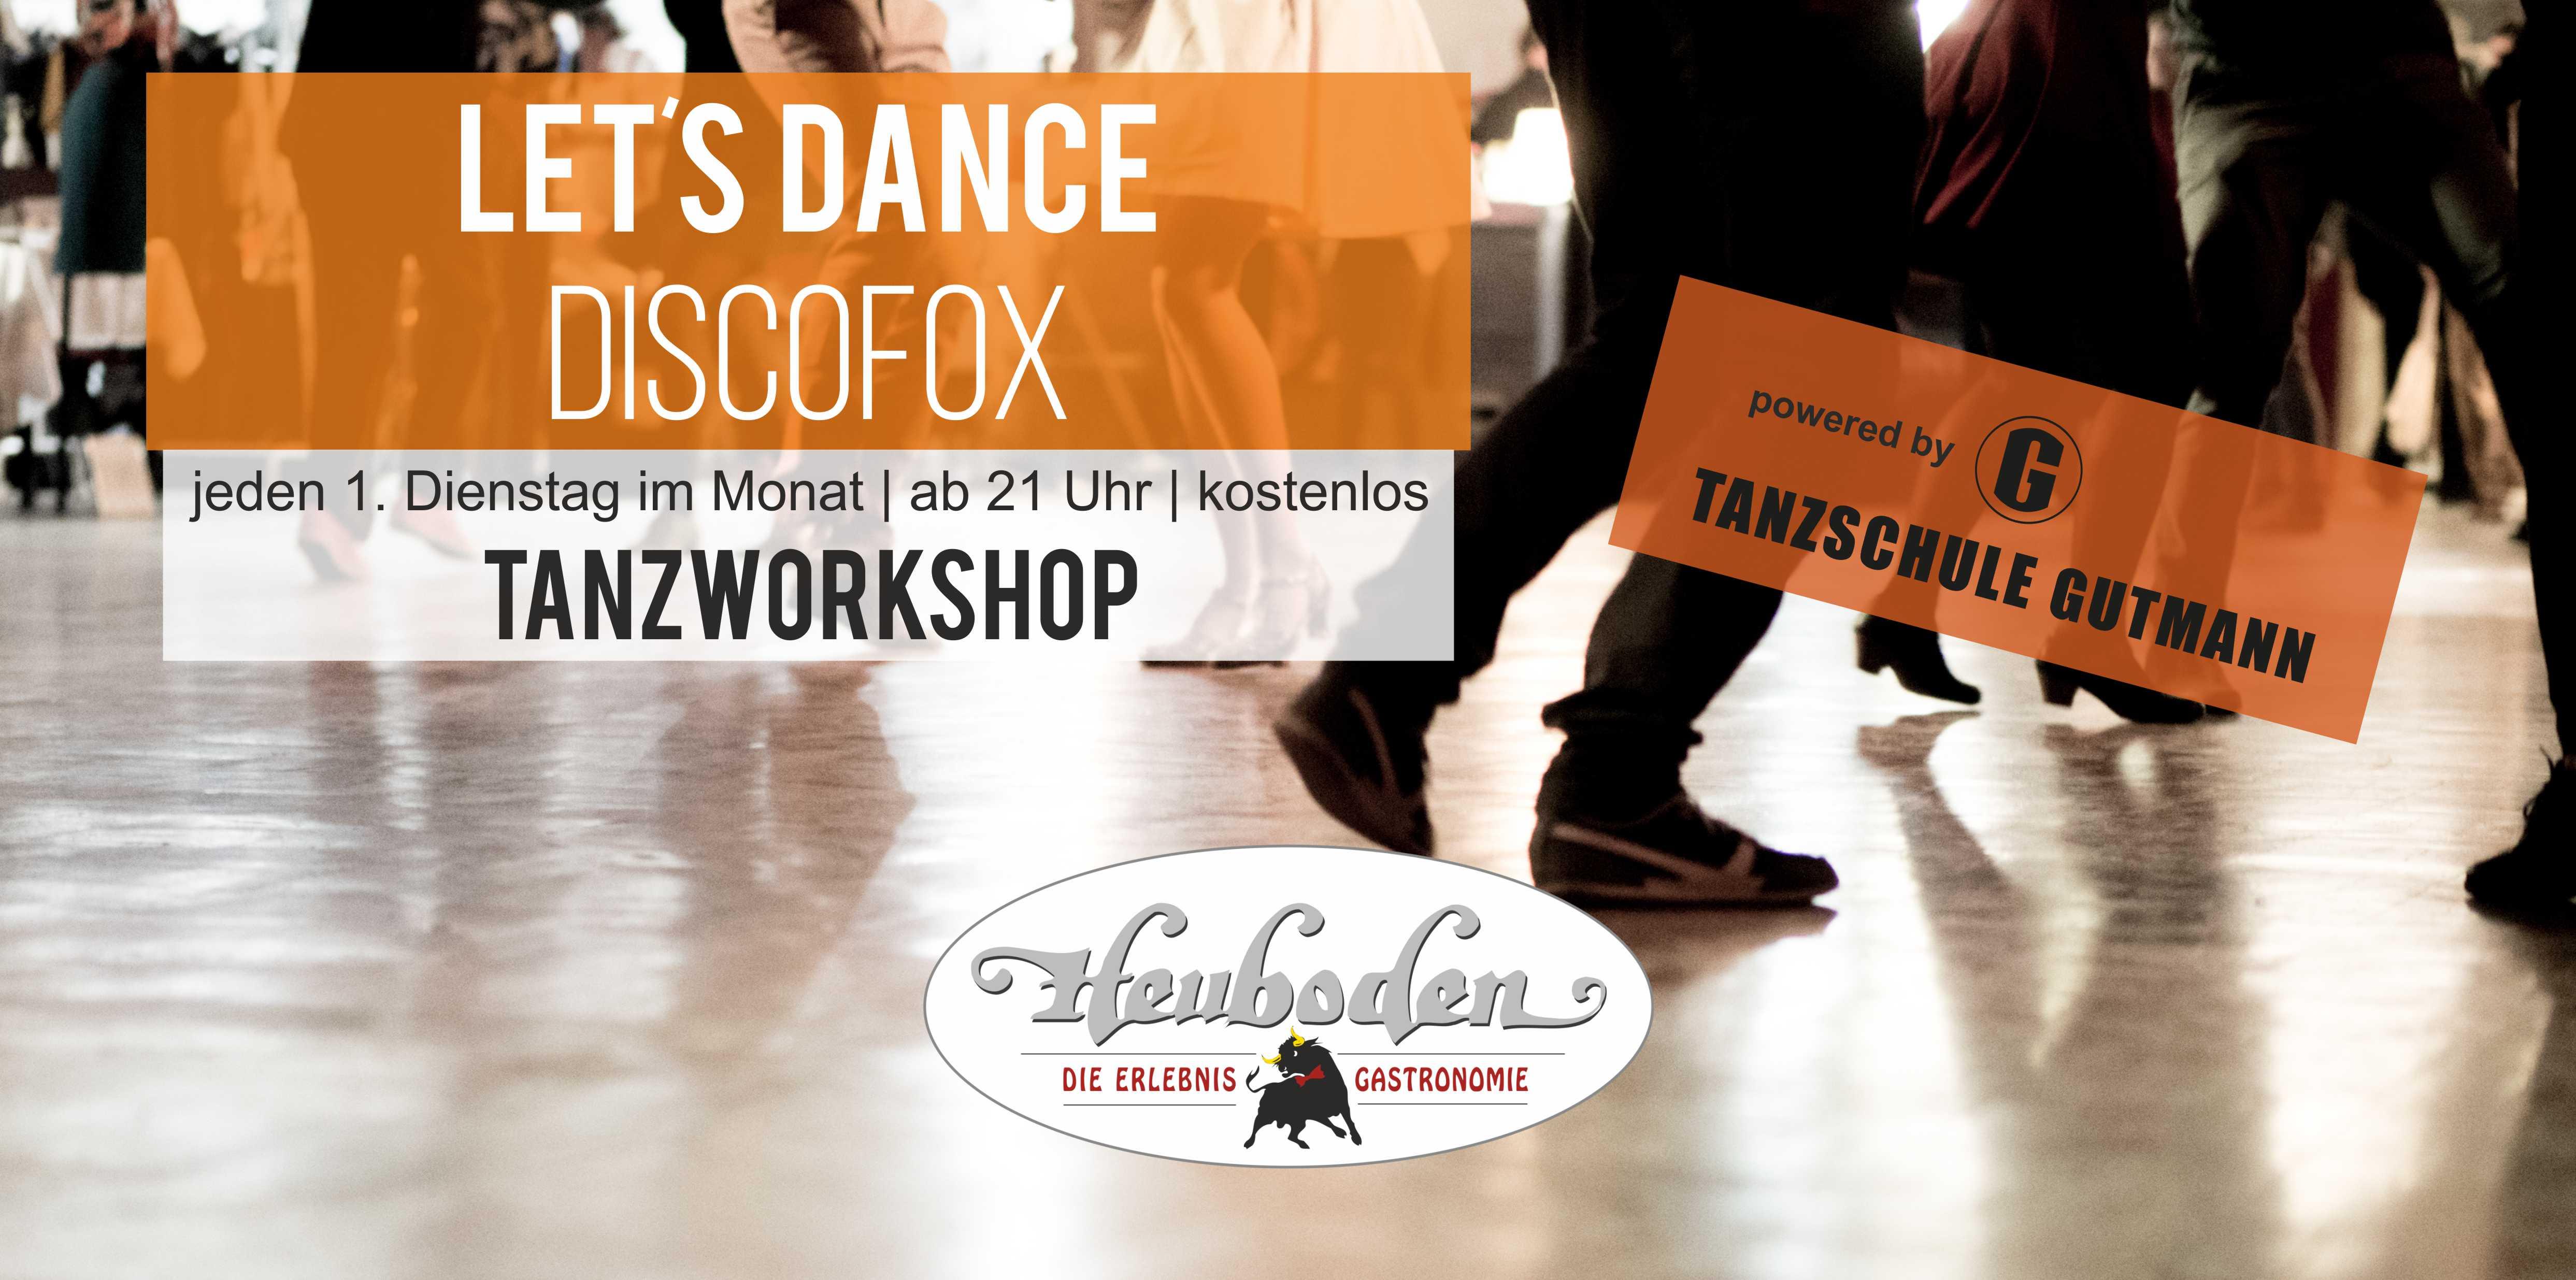 Homepage Tanz Workshop Gutmann